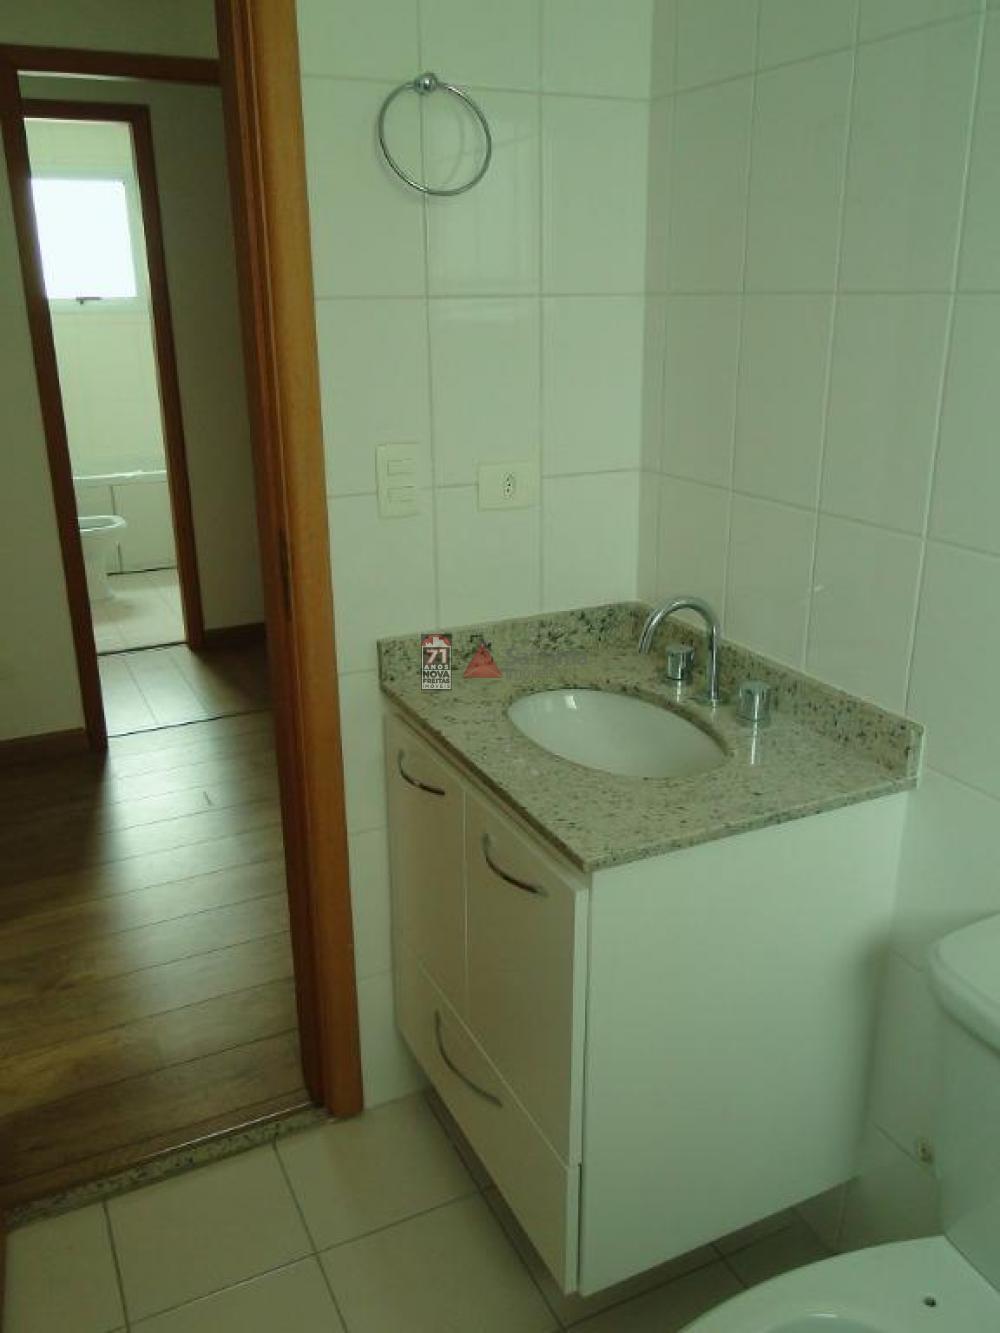 Comprar Apartamento / Padrão em São José dos Campos apenas R$ 600.000,00 - Foto 13